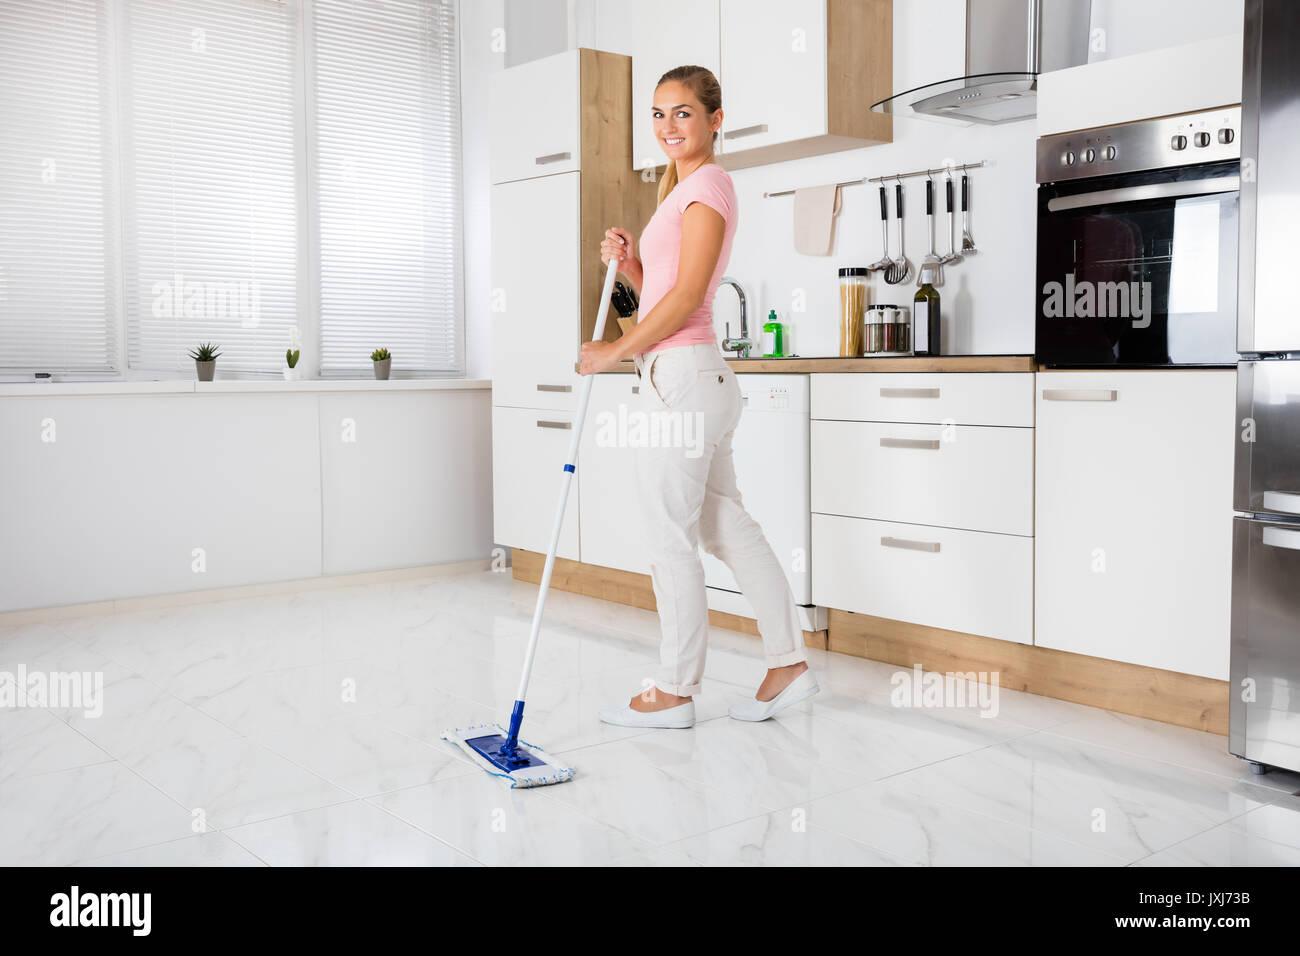 Fußboden In Der Küche ~ Lächelnde frau mit mop reinigung reinigung fußboden in der küche